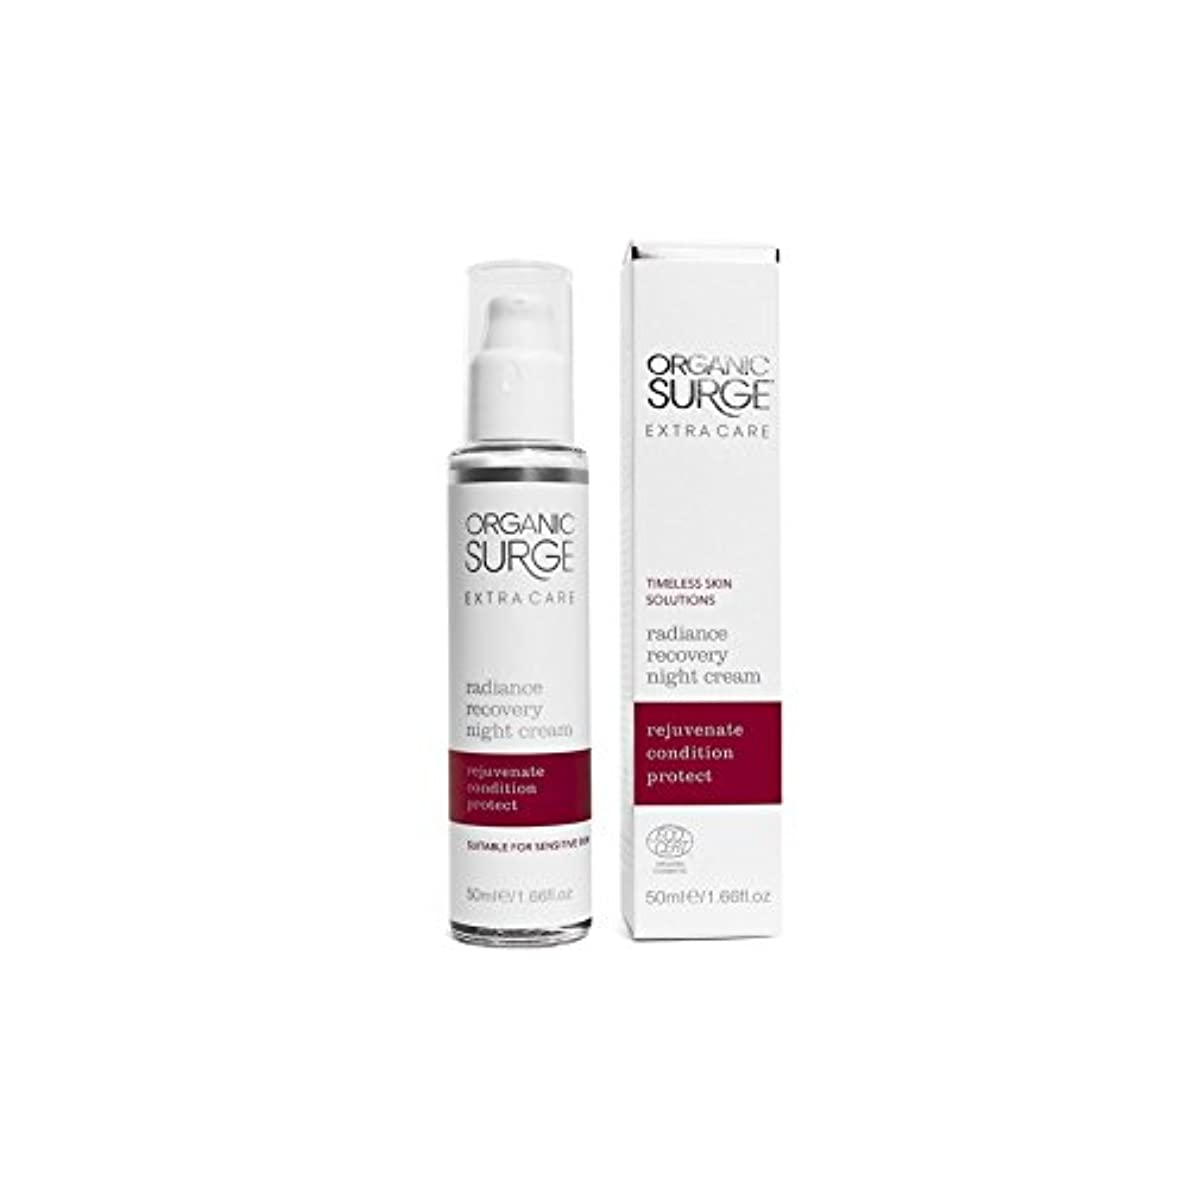 アンデス山脈ホバート検索エンジンマーケティングOrganic Surge Extra Care Radiance Recovery Night Cream (50ml) (Pack of 6) - 有機サージエクストラケア輝き回復ナイトクリーム(50ミリリットル) x6 [並行輸入品]